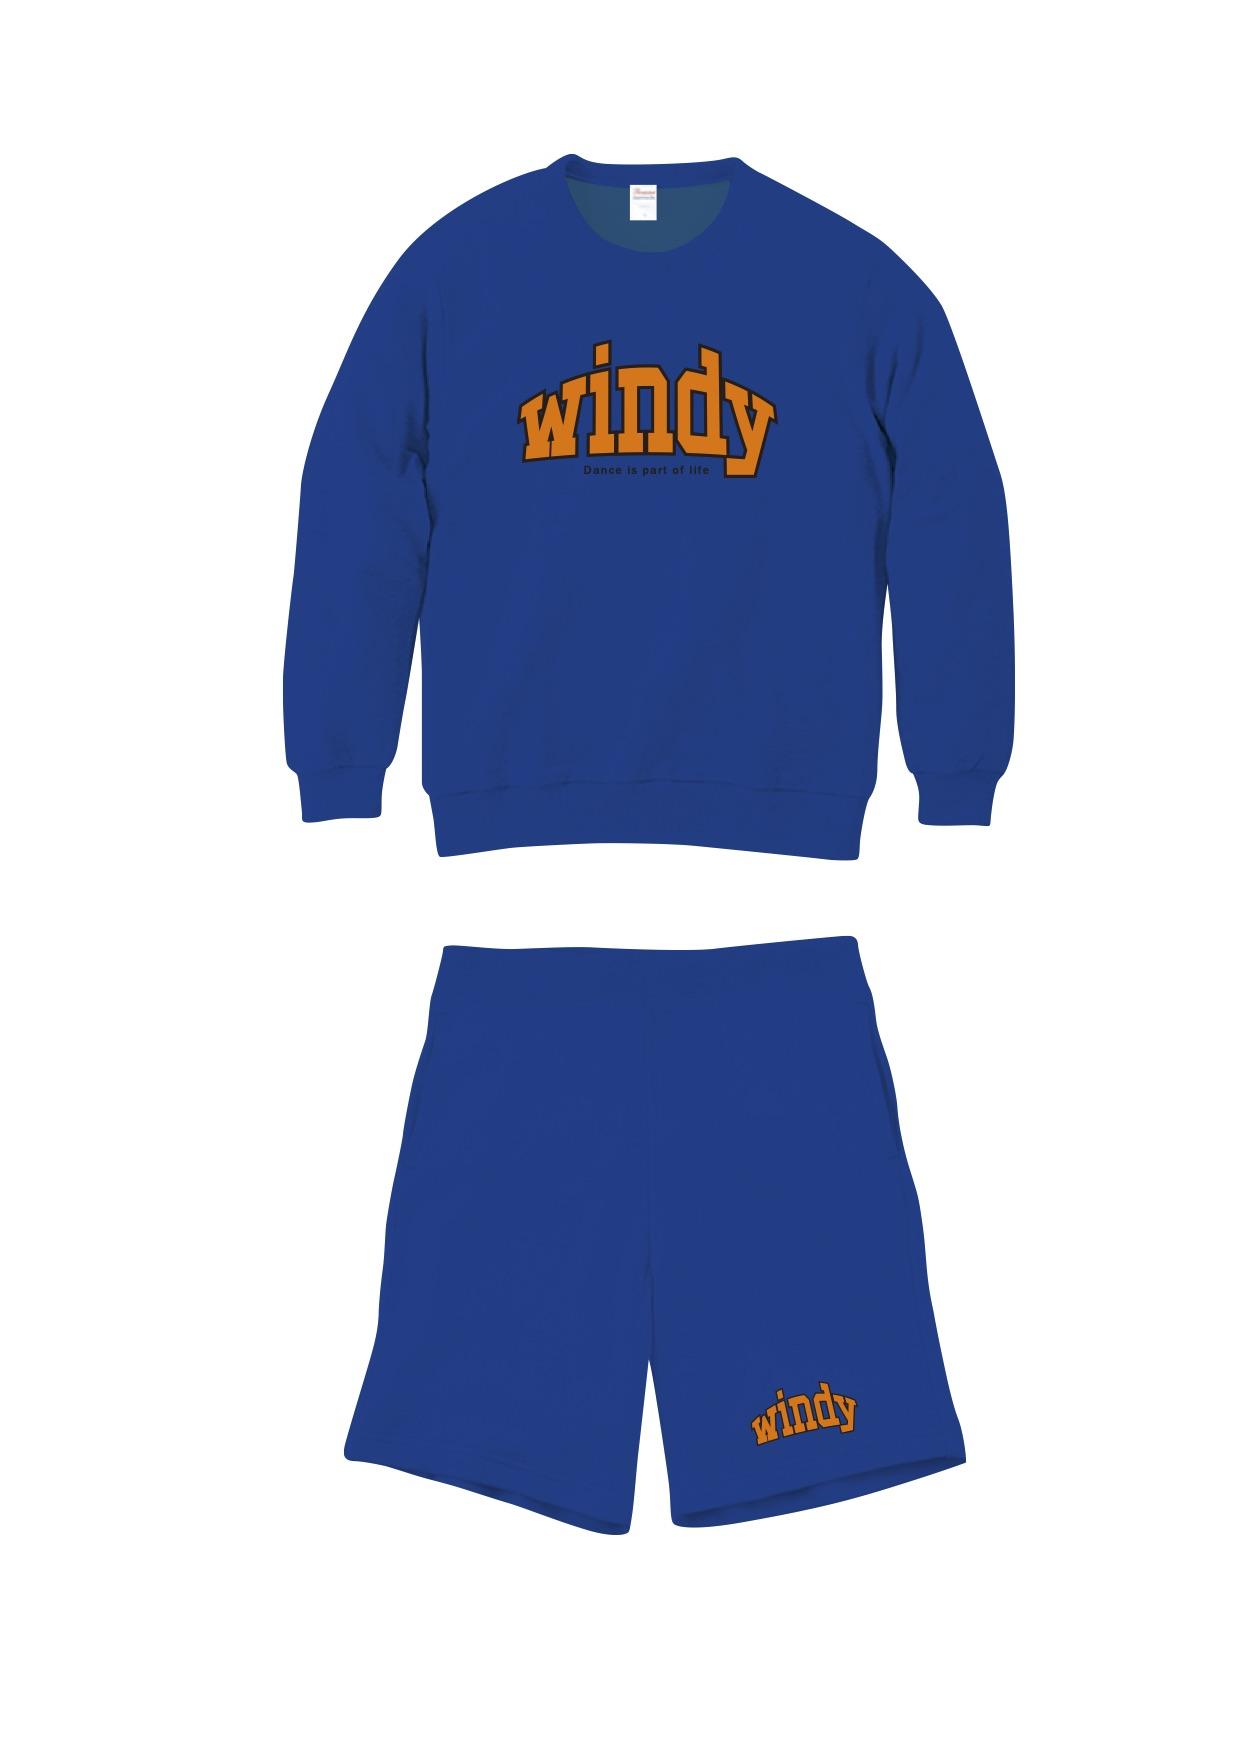 windy202005